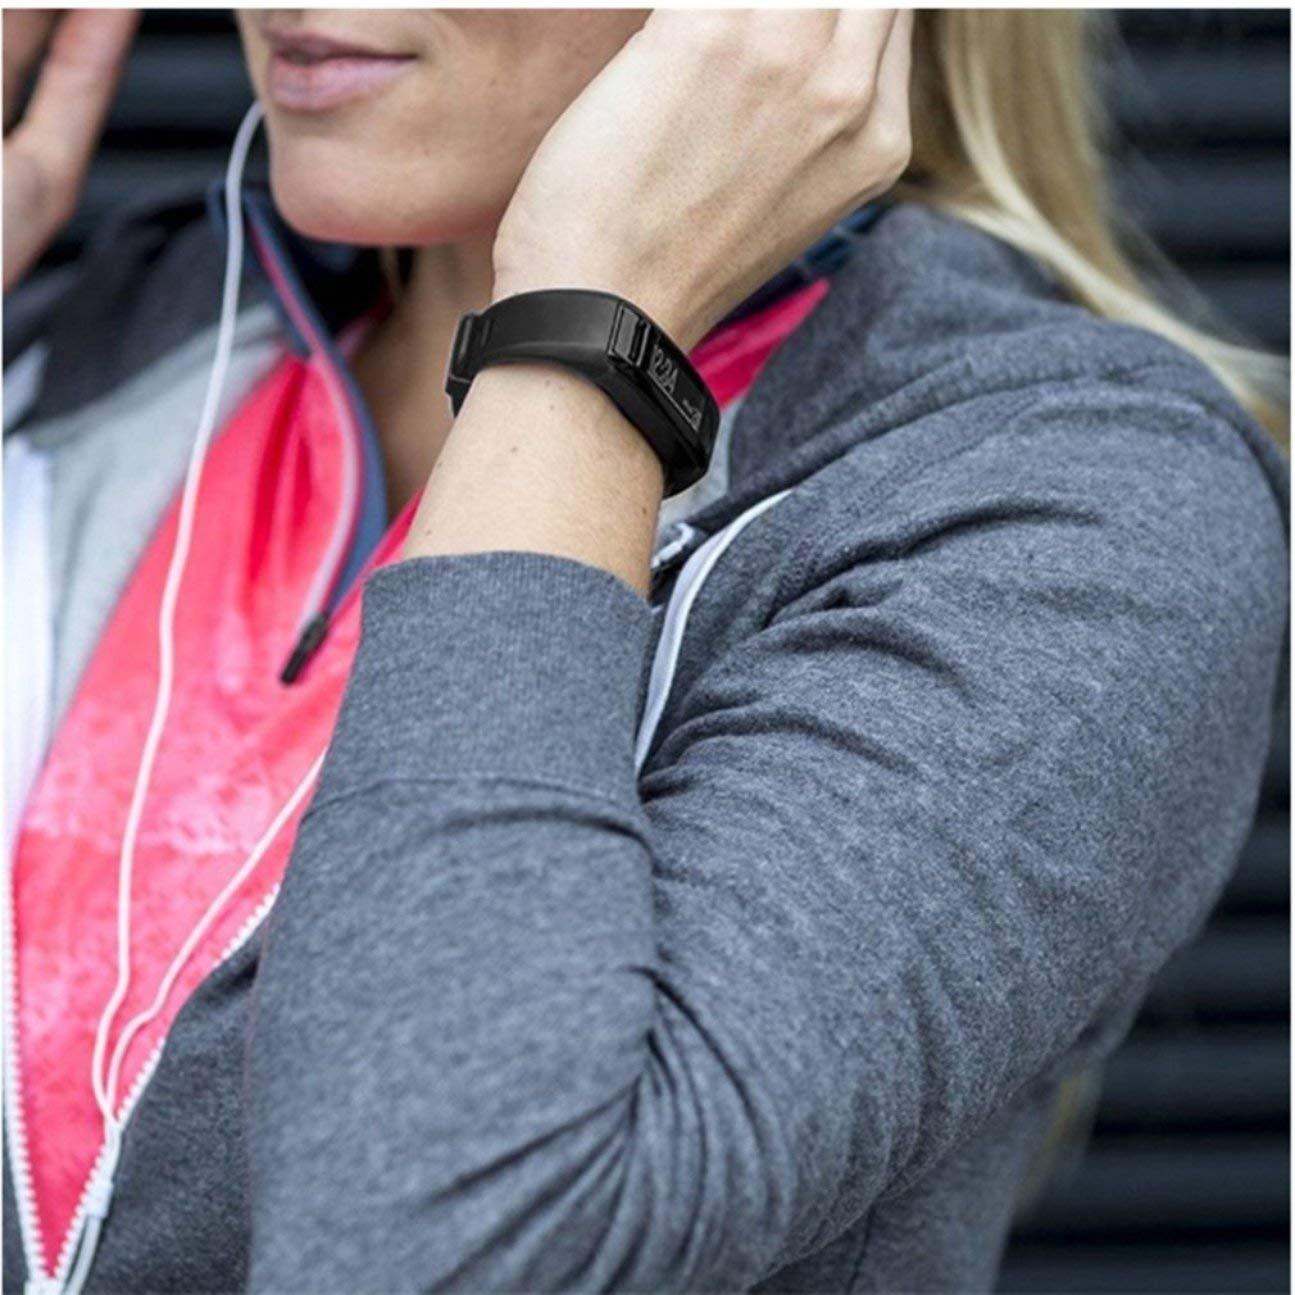 Bracelet en Silicone Souple Bracelet de Rechange pour Bracelet de Rechange pour Garmin VIVOSMART HR Fitness Montre Intelligente Couleur: Noir